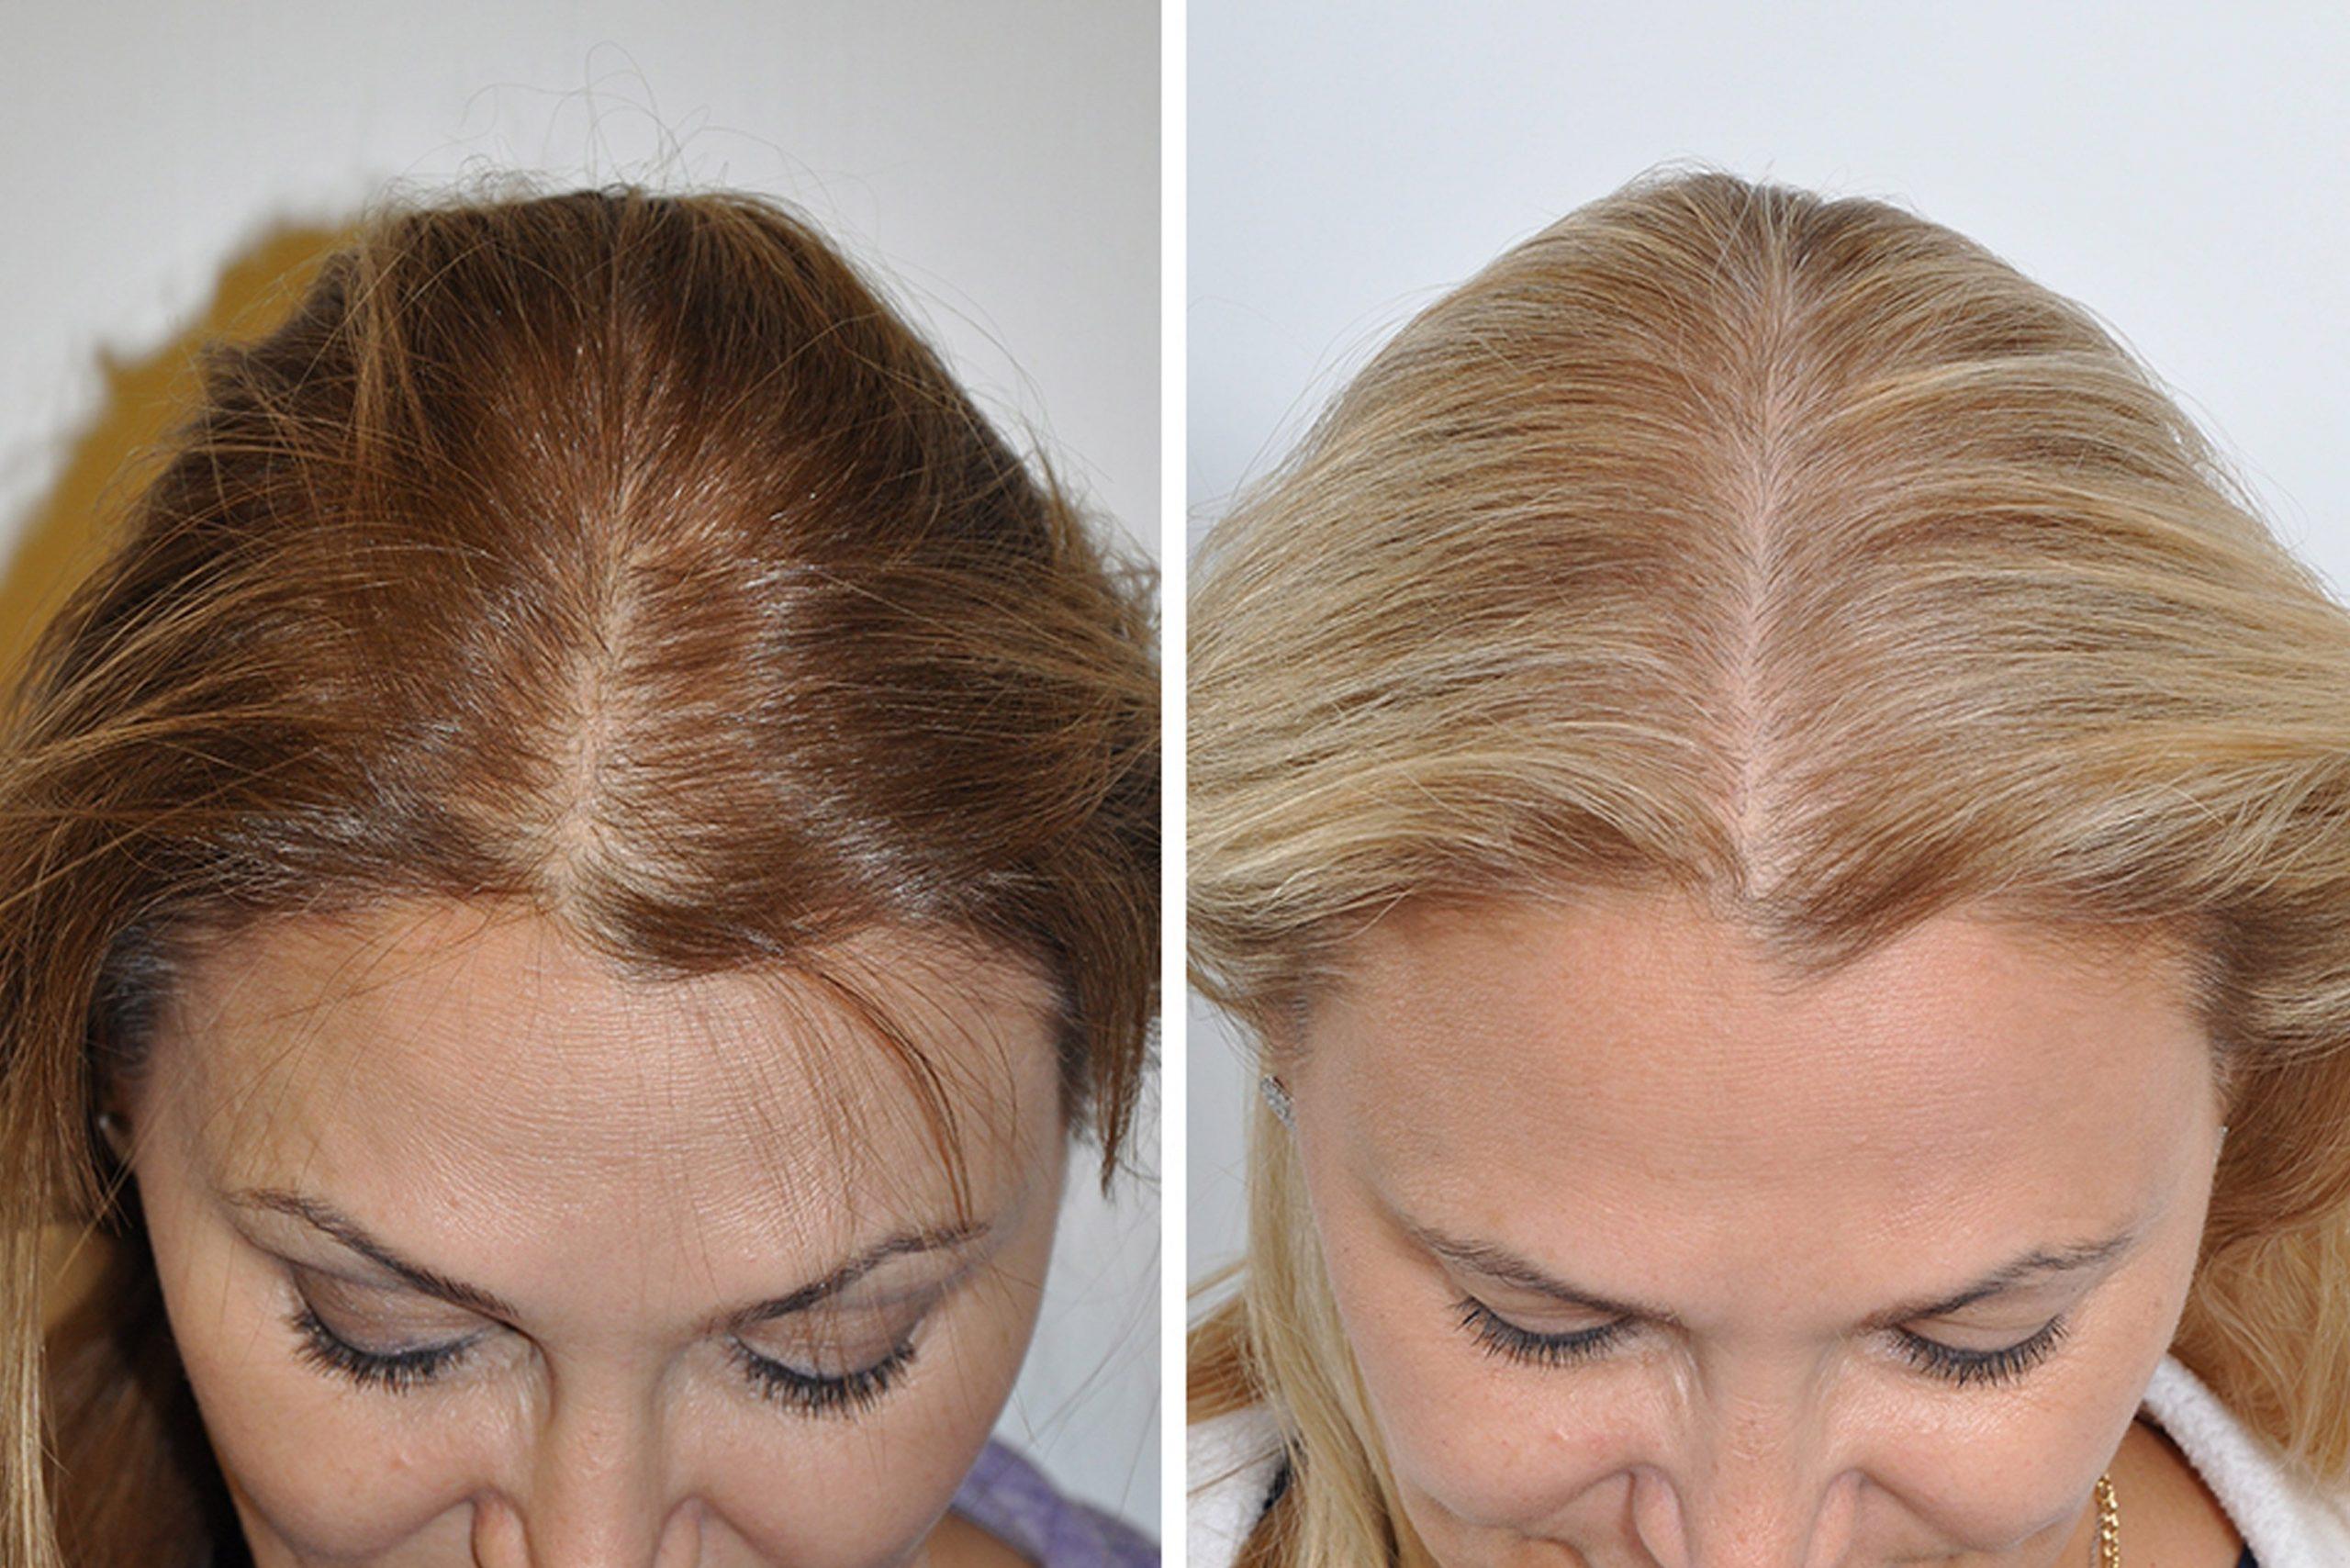 عملية زرع الشعر: ما هو المتوقع؟ - ما هي النتيجة المتوقعة لعلميات زرع الشعر؟ - لماذا يصاب بعض الناس بالصلع قبل الأوان؟ - نمو الشعر من جديد